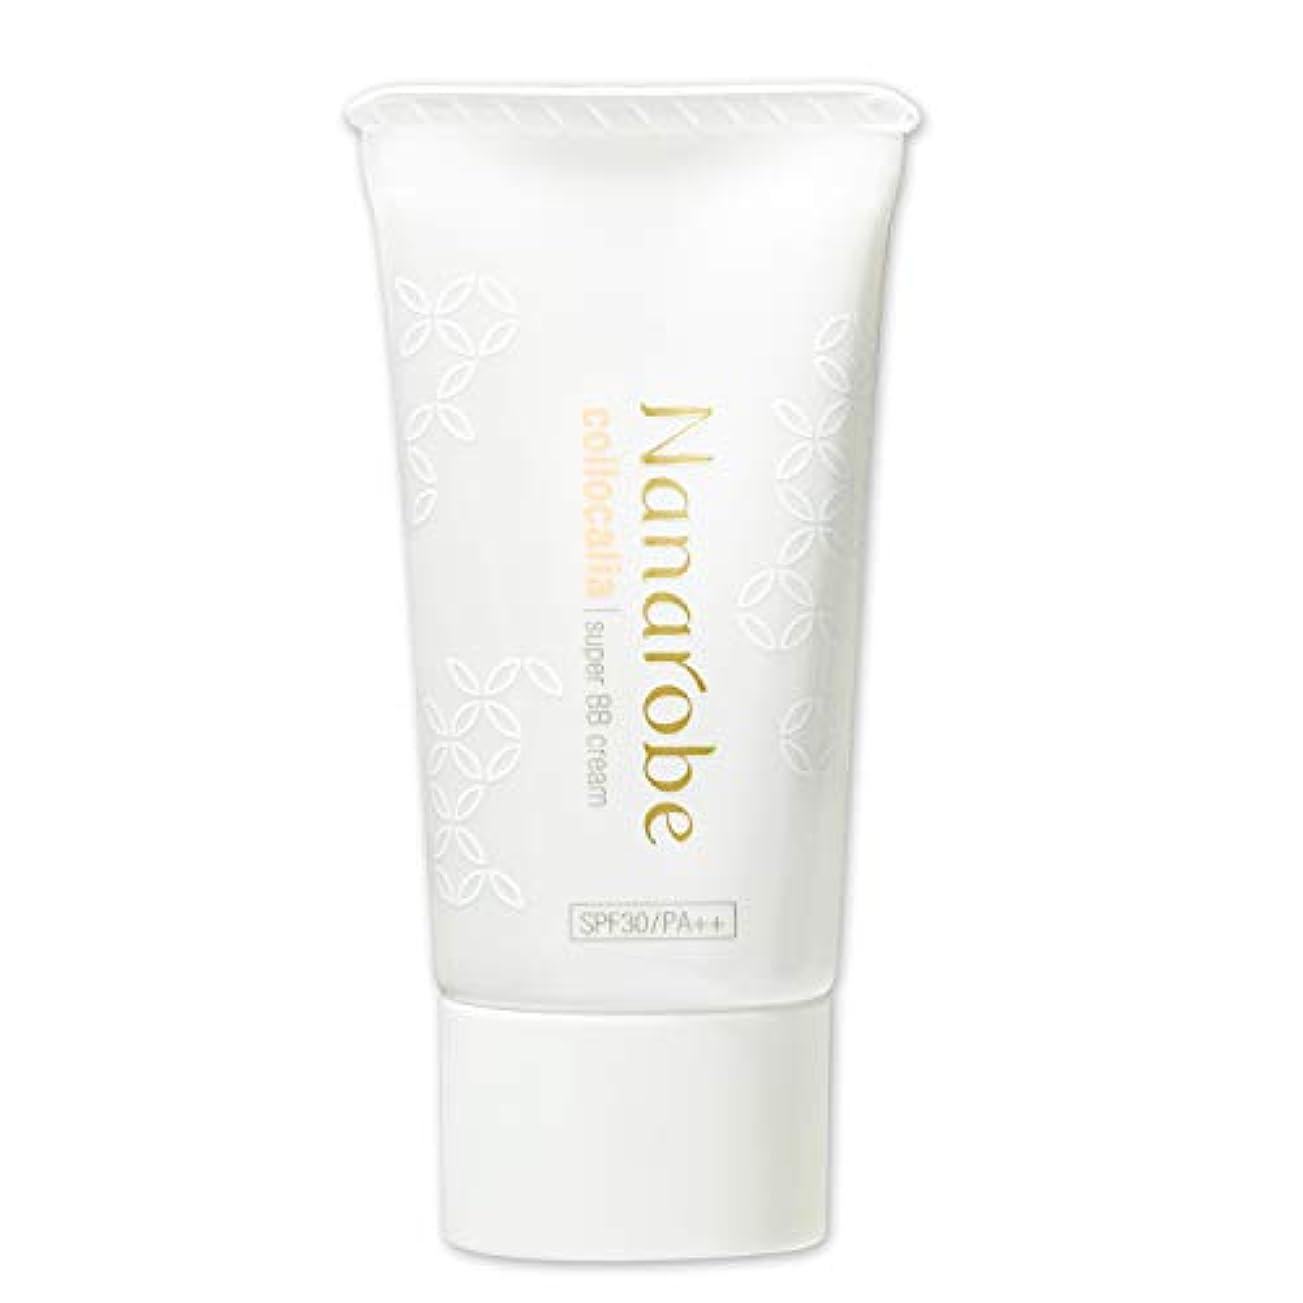 ナナローブ (Nanarobe) BBクリーム 化粧下地 ファンデーション コロカリア UV SPF30 PA++ 30g